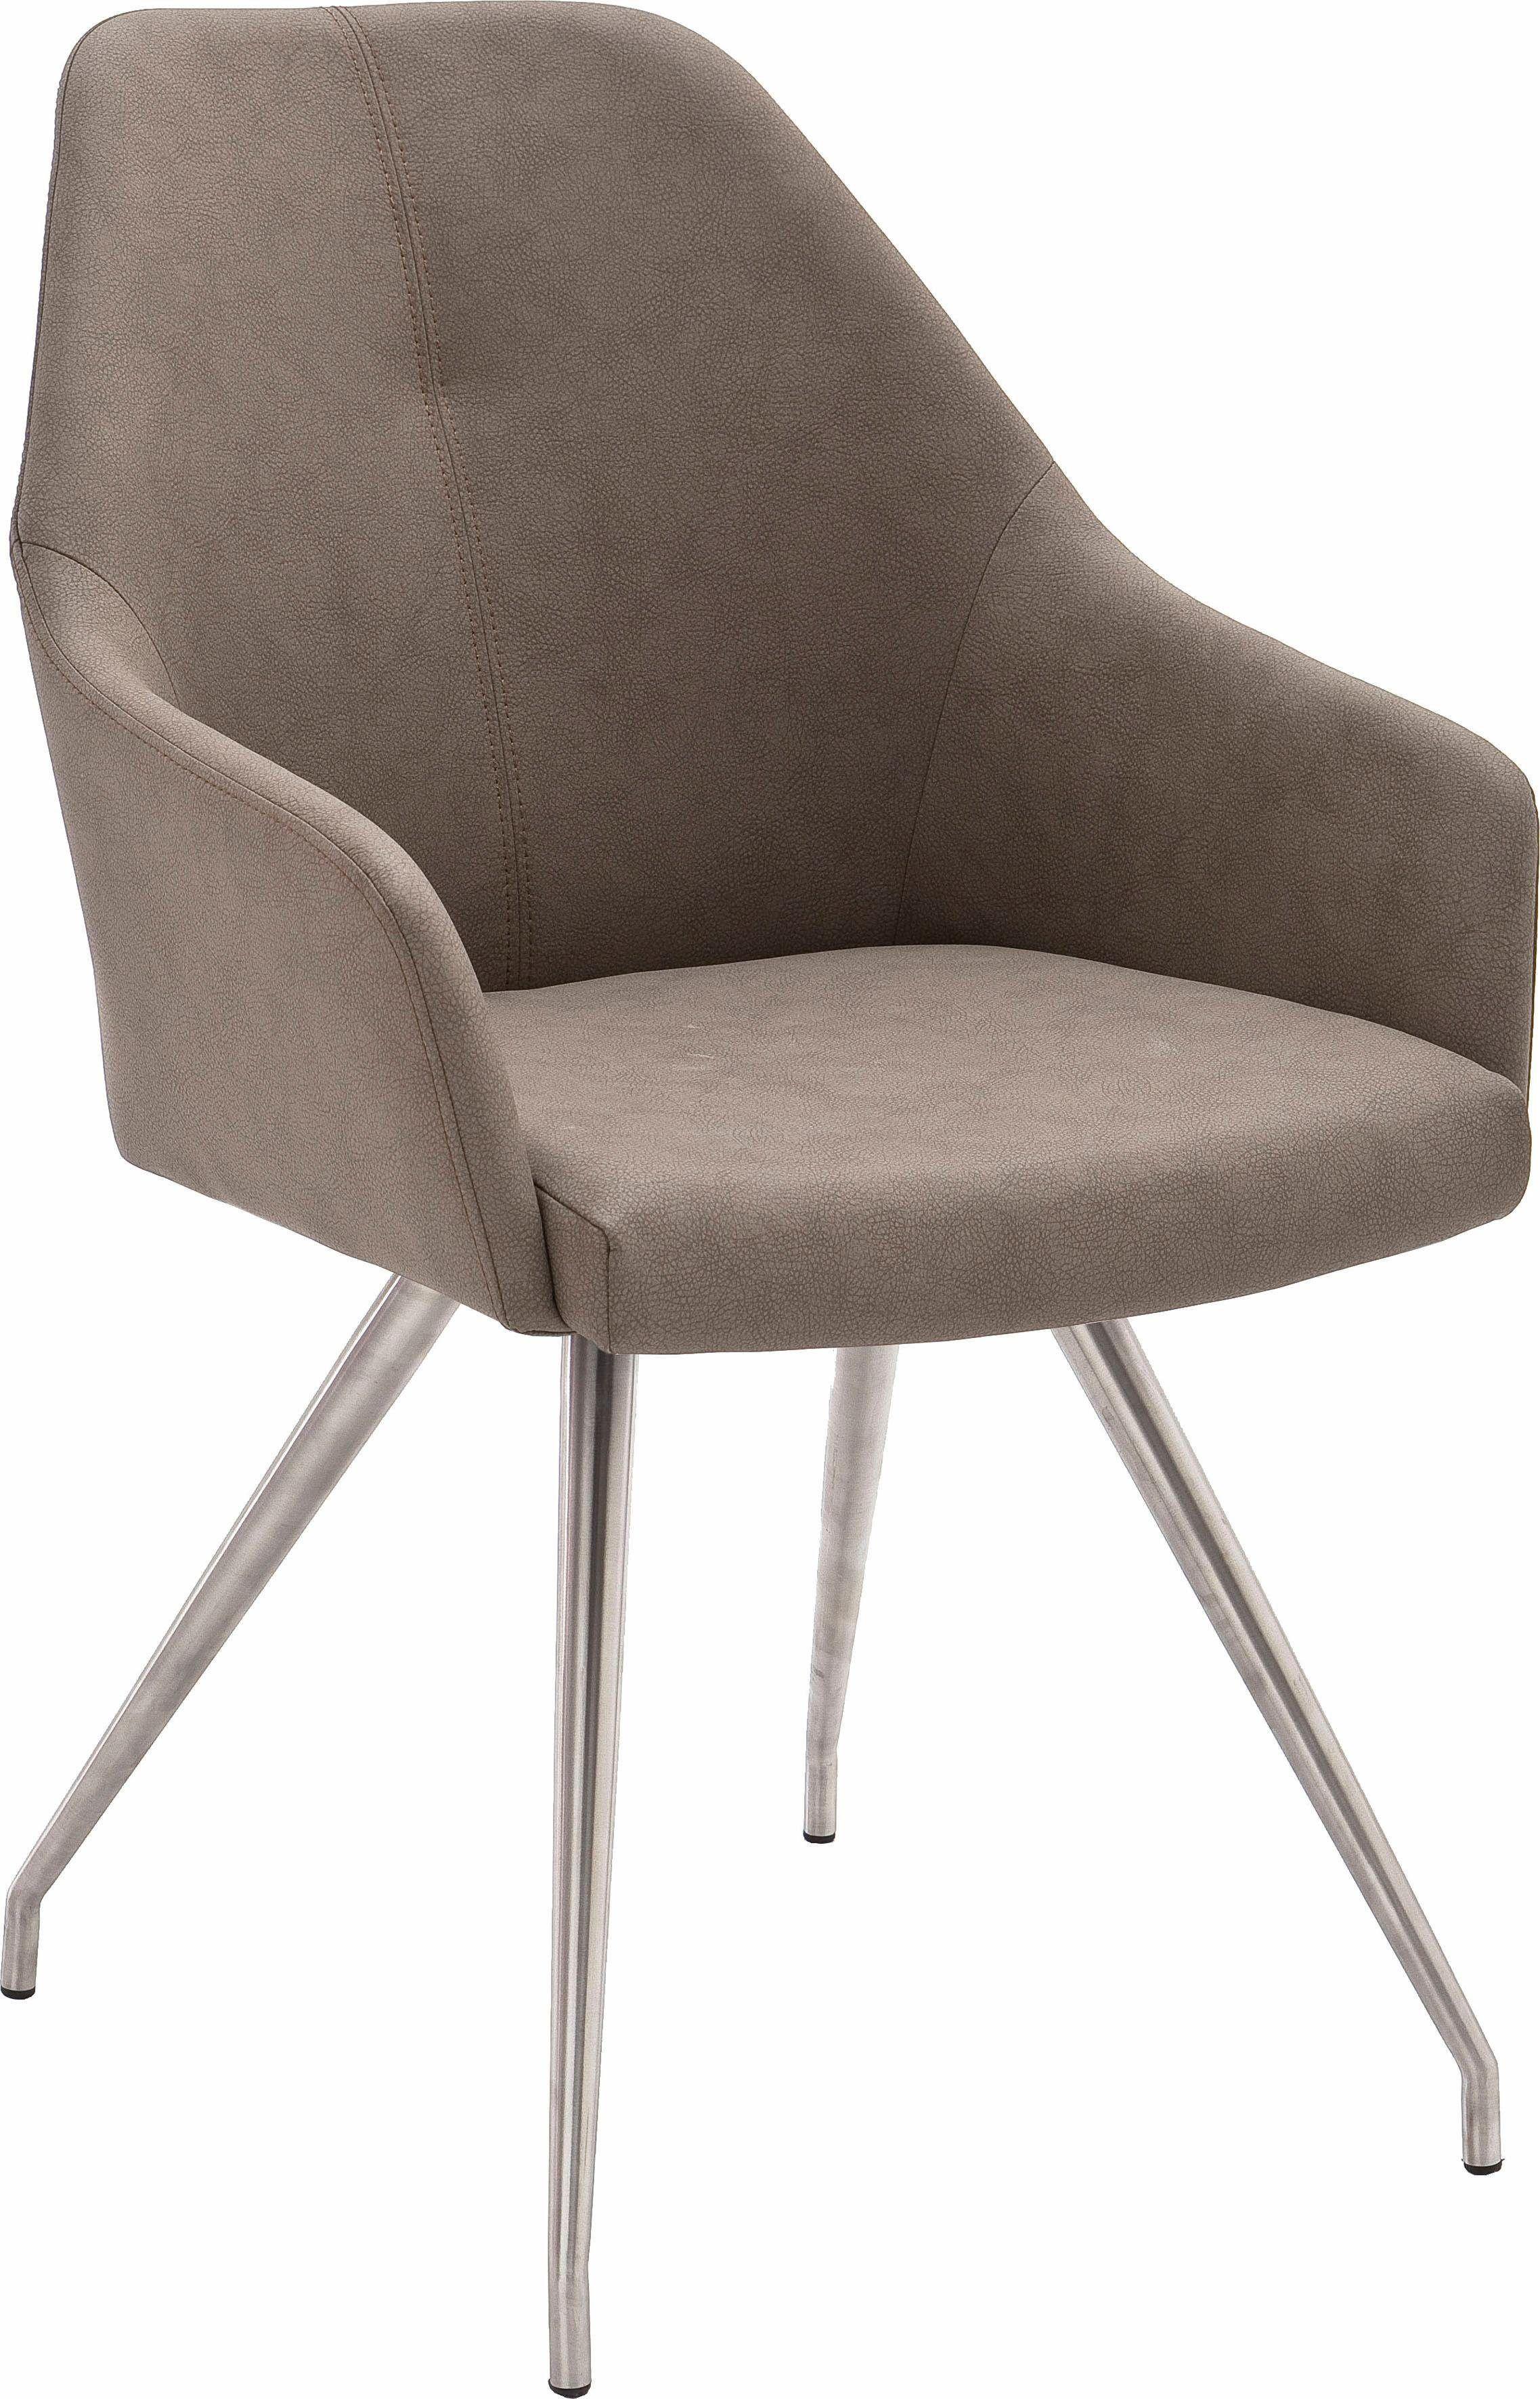 Stühle 2 Stück braun 4 Fuß Stuhl oval pflegeleichtes Kunstleder yourhome Jetzt bestellen unter